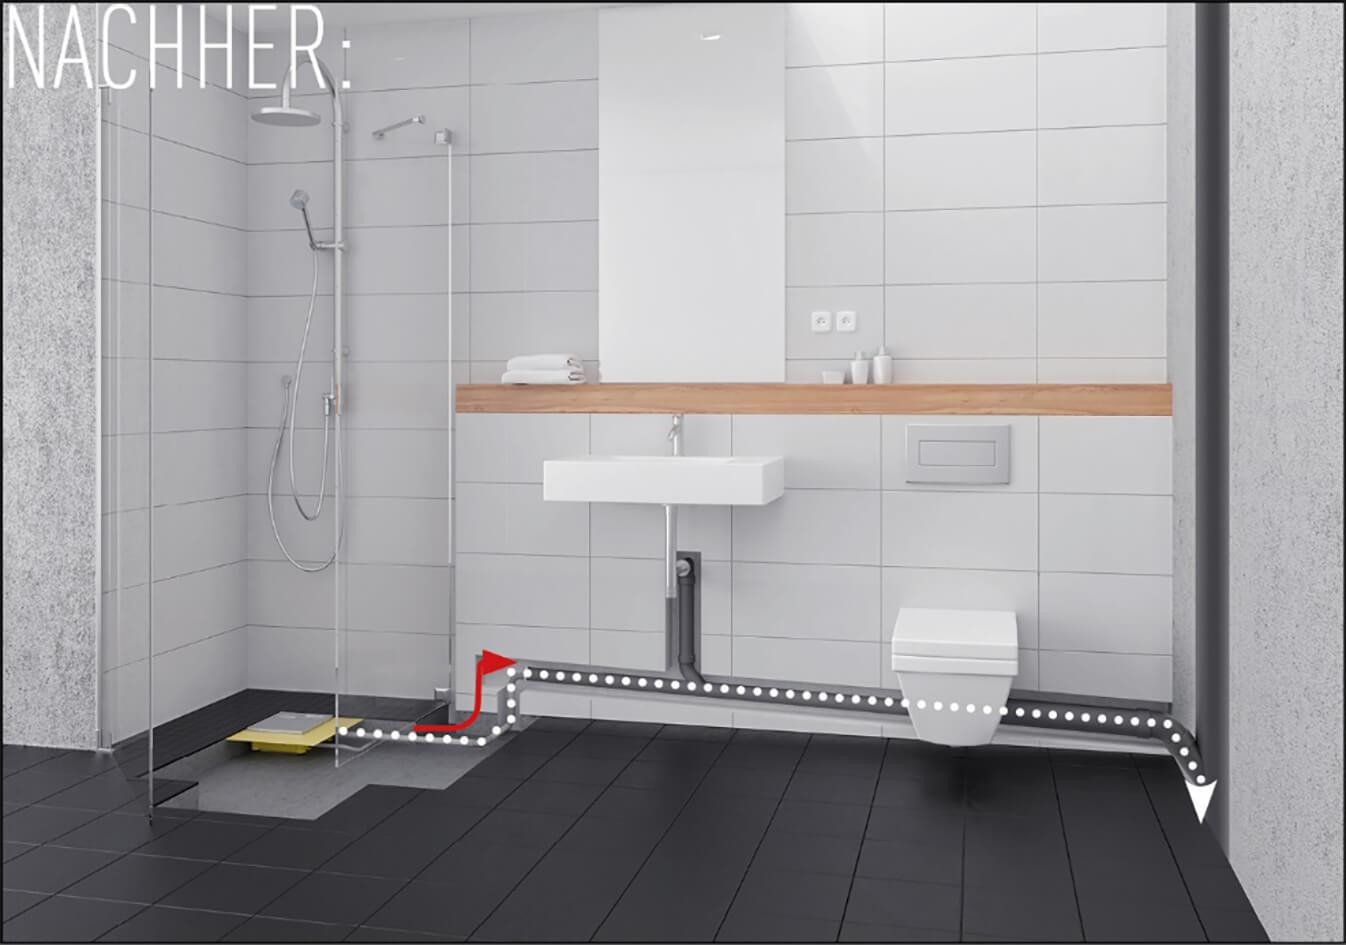 Full Size of Barrierefreie Dusche Anal Bodenebene Mischbatterie Einbauen Badewanne Mit Tür Und Glaswand Bidet Bluetooth Lautsprecher Duschen Kaufen Fliesen Für Begehbare Dusche Barrierefreie Dusche